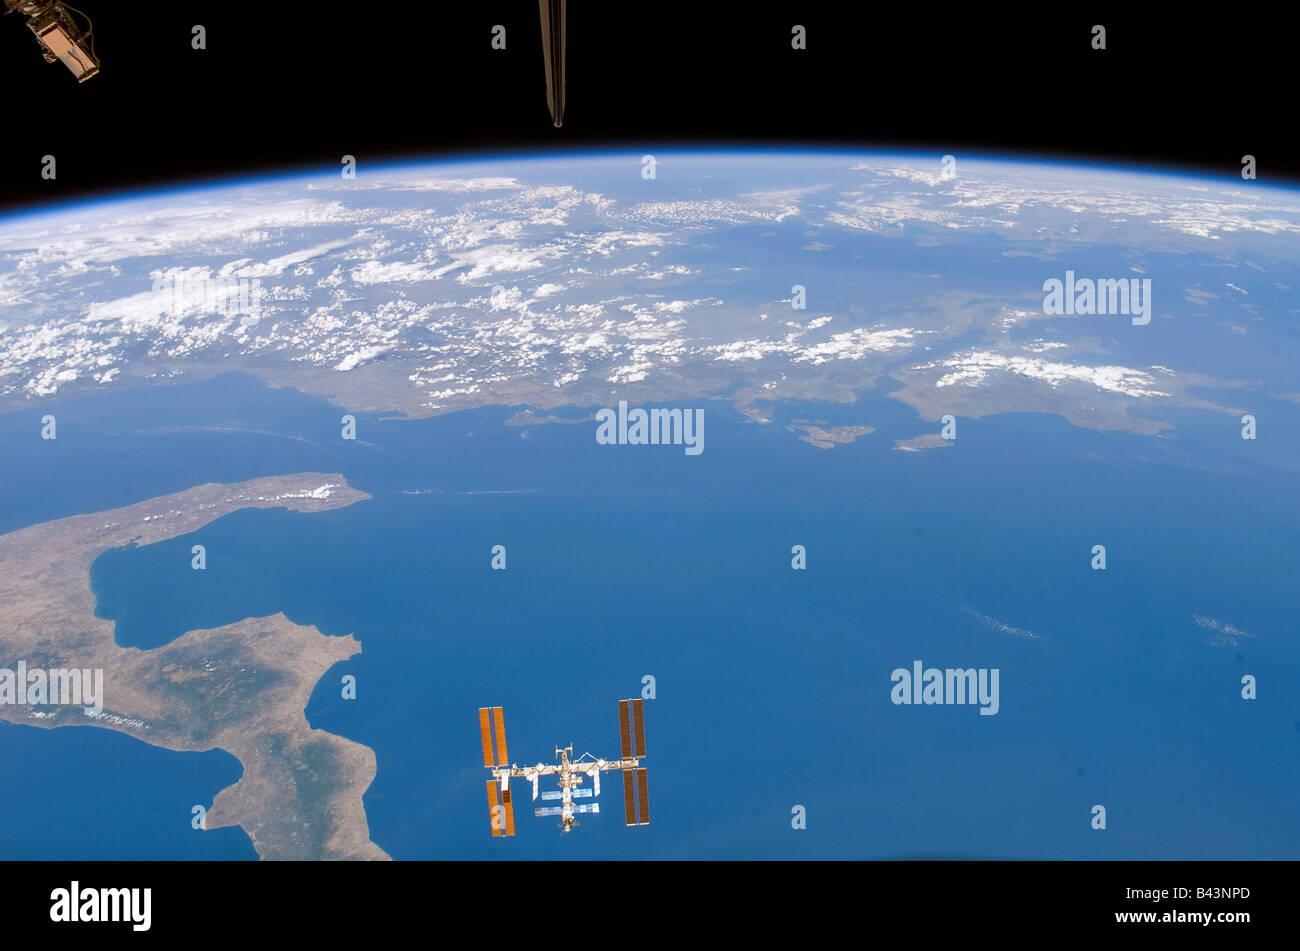 La Station spatiale internationale au-dessus de la terre avec une vue partielle de l'Italie Photo Stock